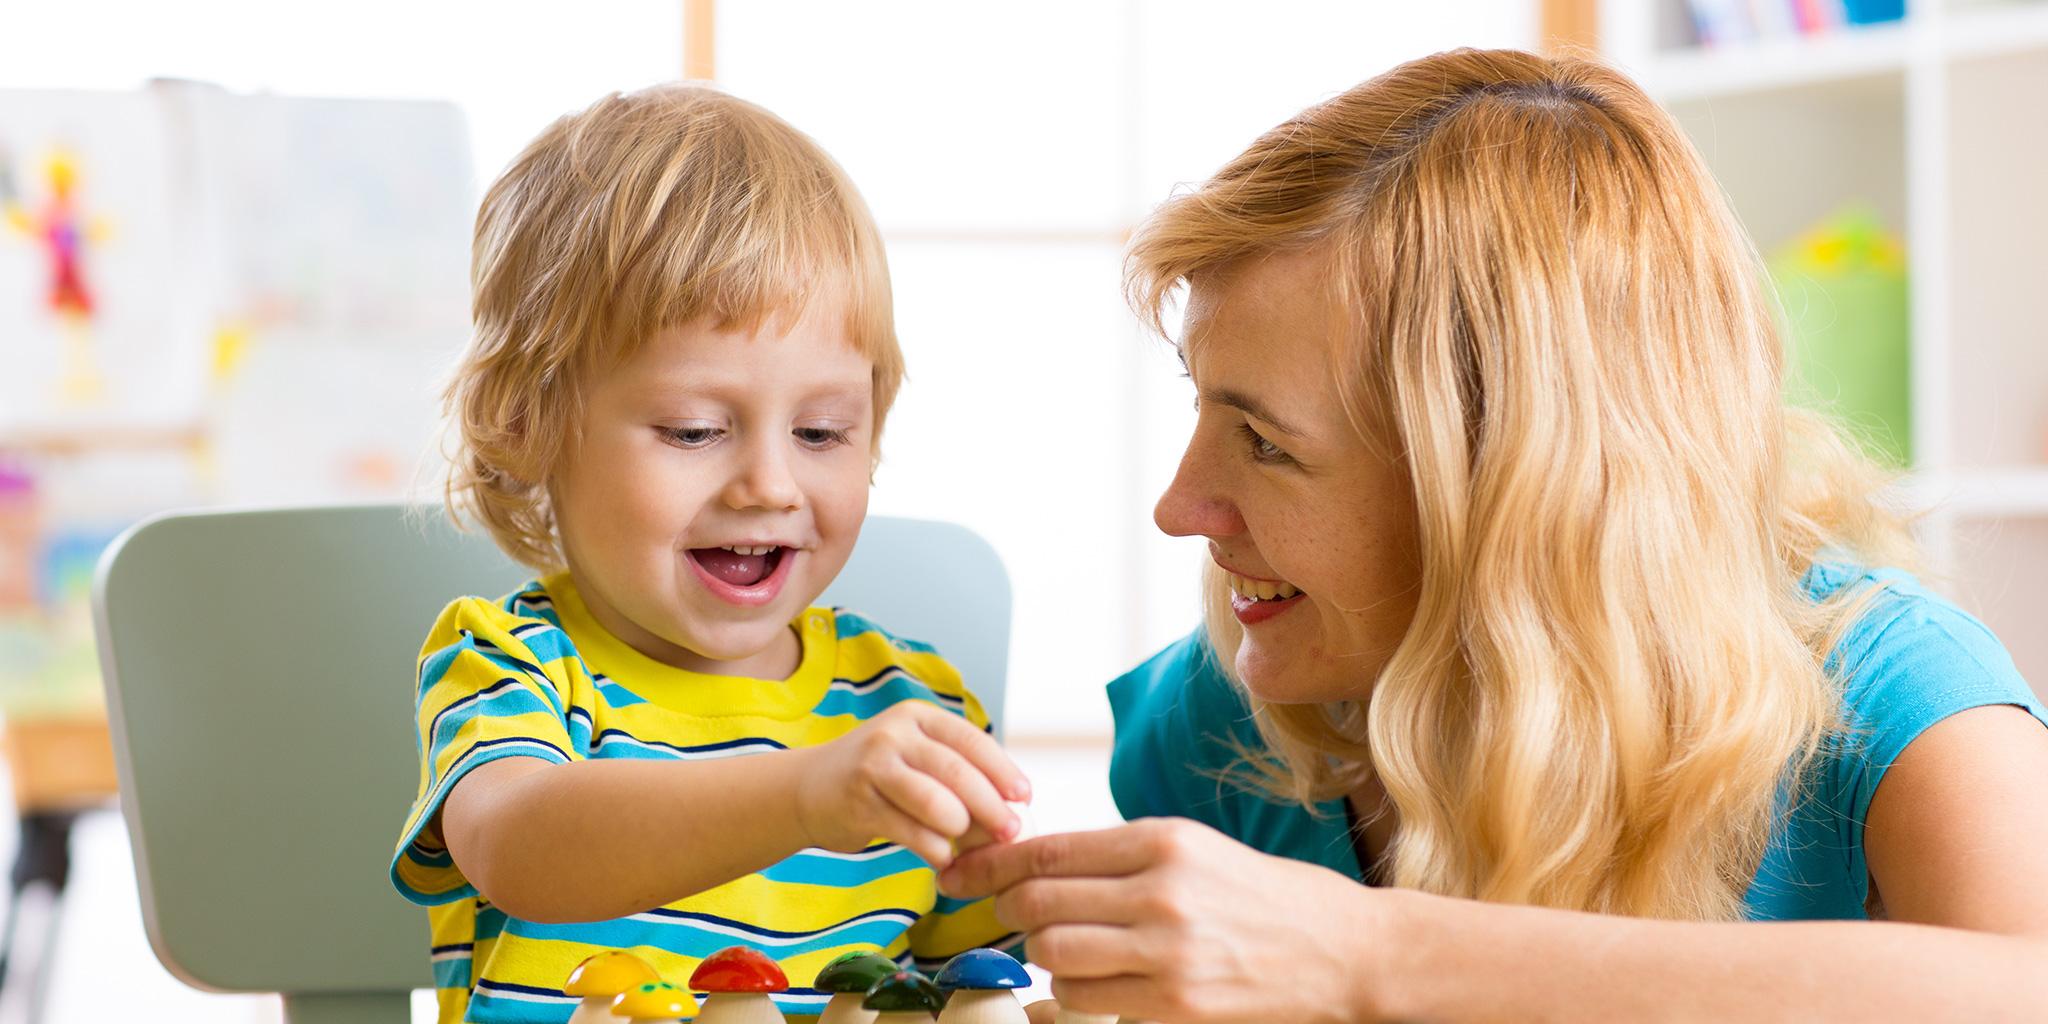 Hoe de eerste dag van de babysitter goed verloopt